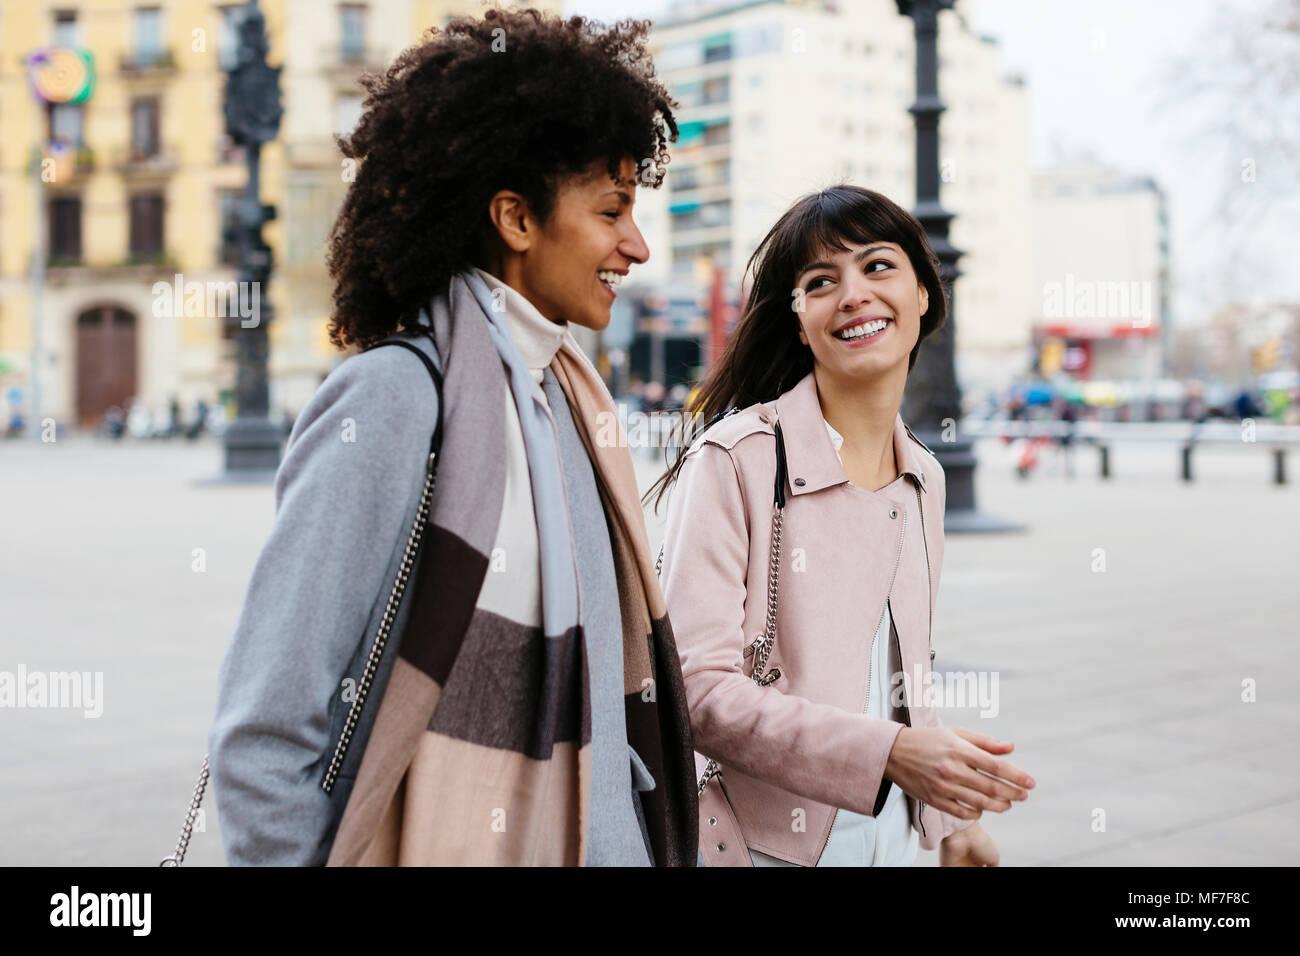 Spanien, Barcelona, zwei glückliche Frauen gehen in der Stadt Stockbild